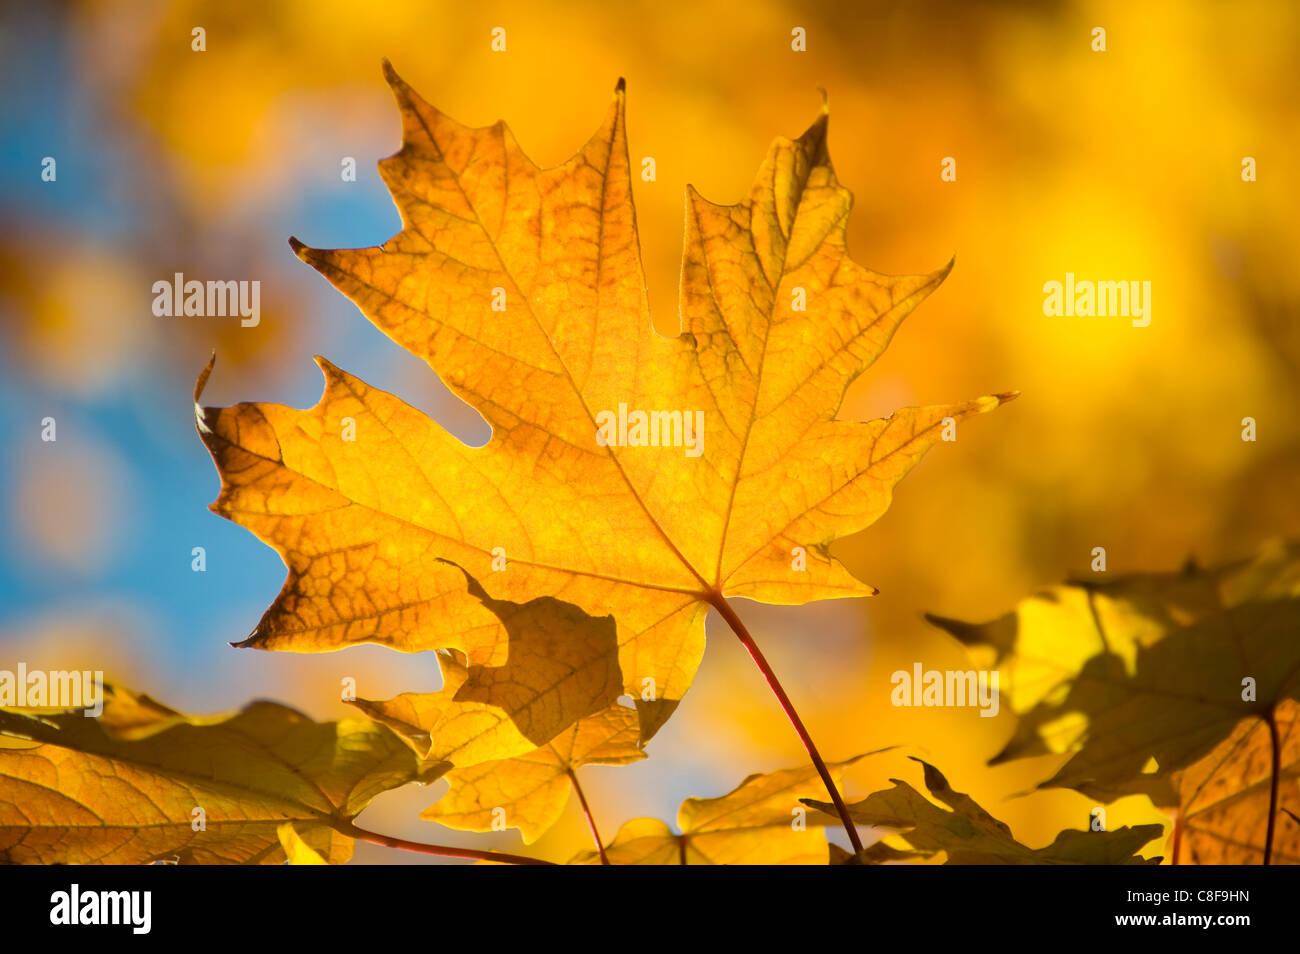 Di colore giallo brillante foglie di acero in autunno, Vermont, New England, Stati Uniti d'America Foto Stock